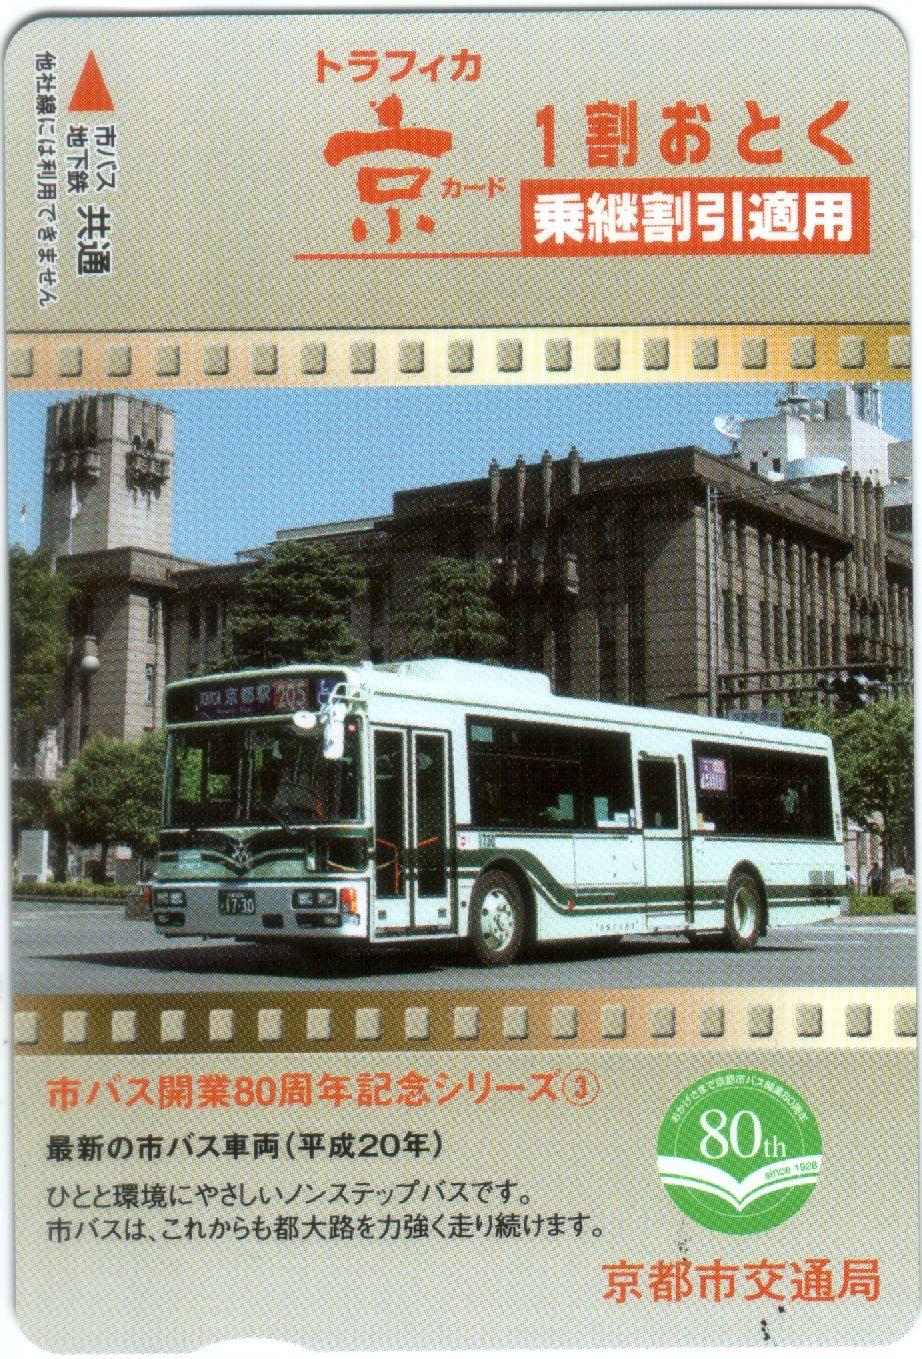 Latest Low-floor Bus